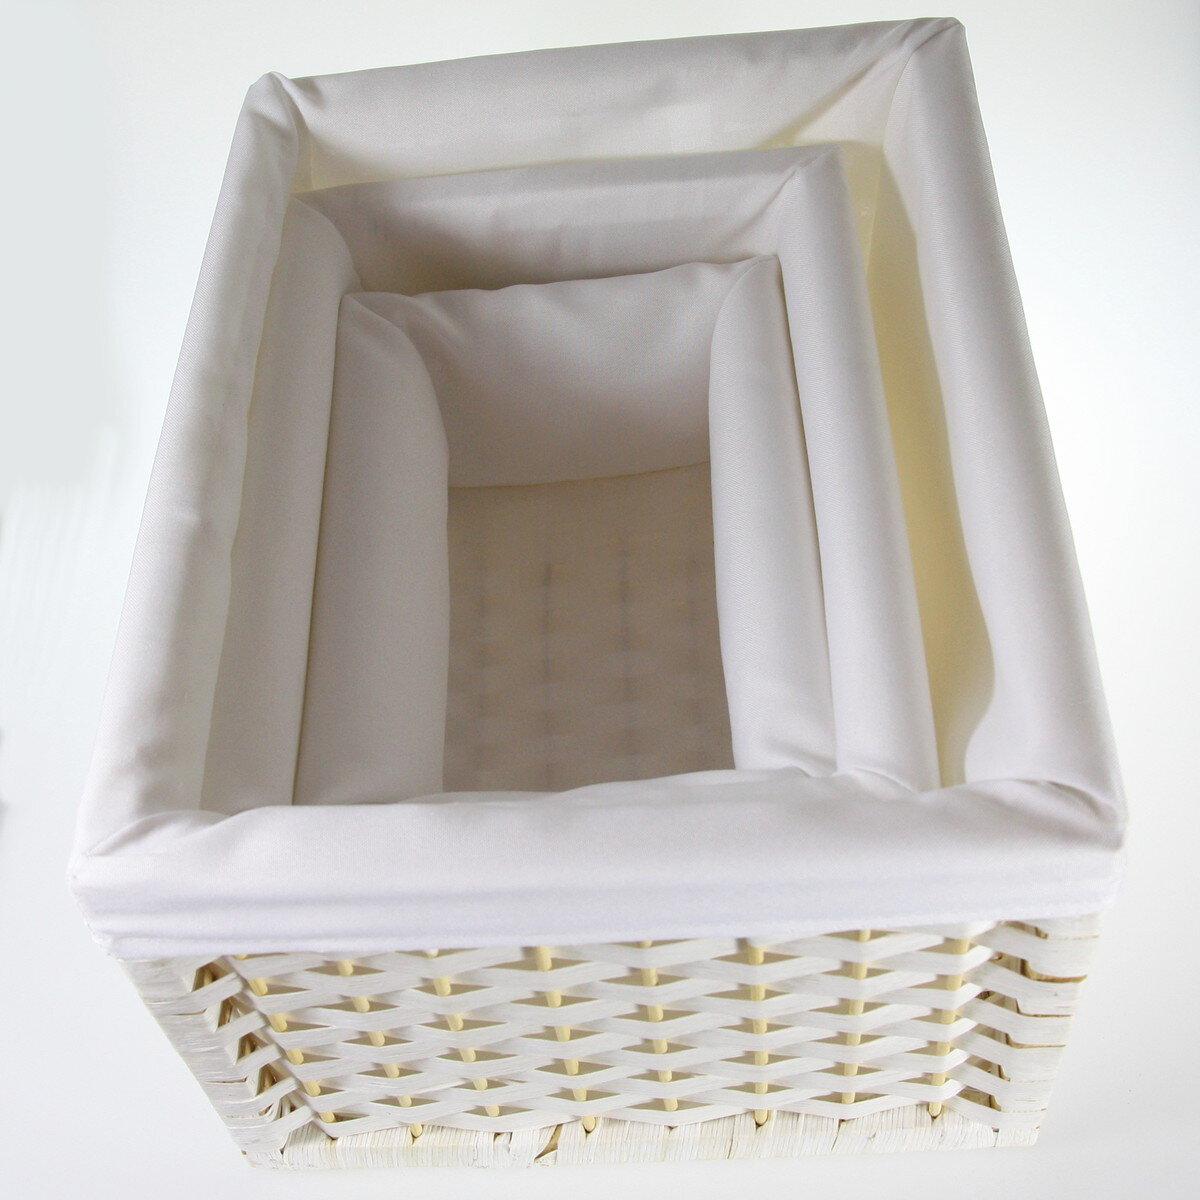 Wiklinowe Koszyki Dekoracyjne Prostokąt Biały Jd9509